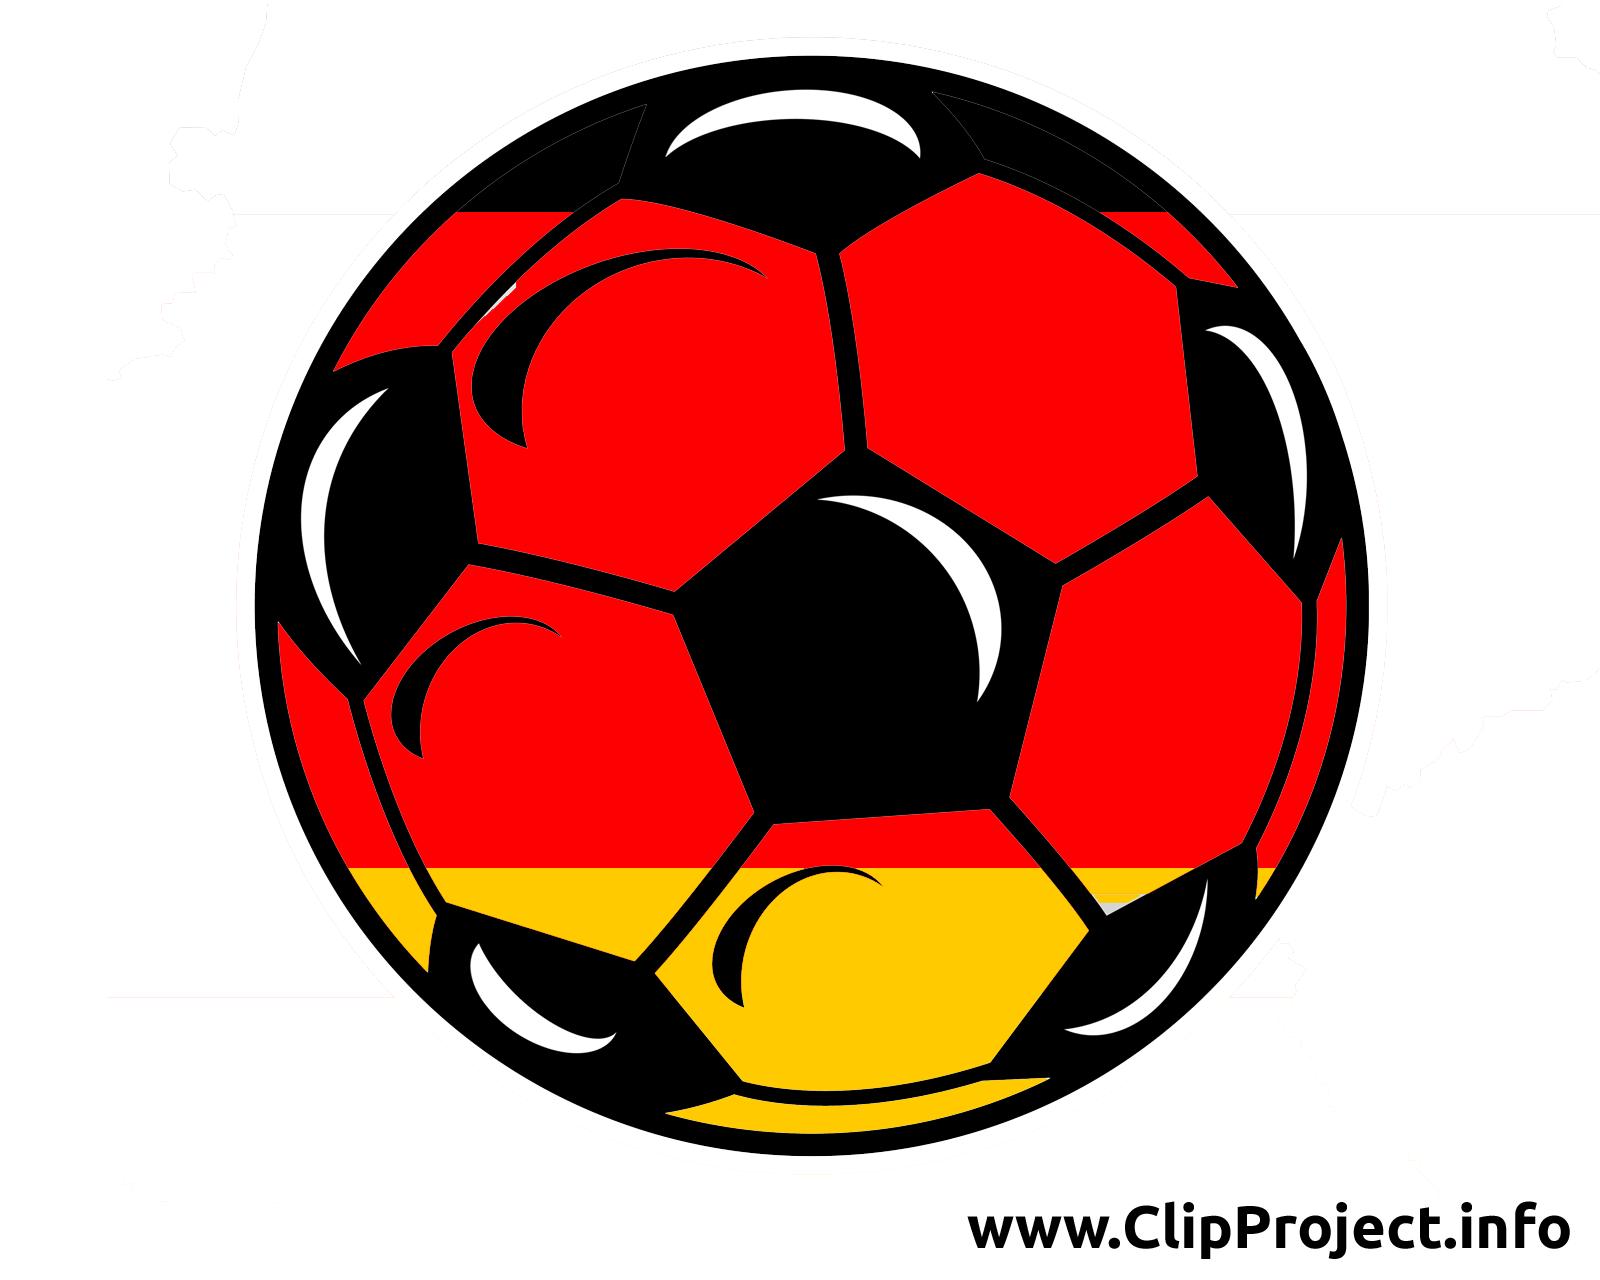 Dessin à télécharger football images